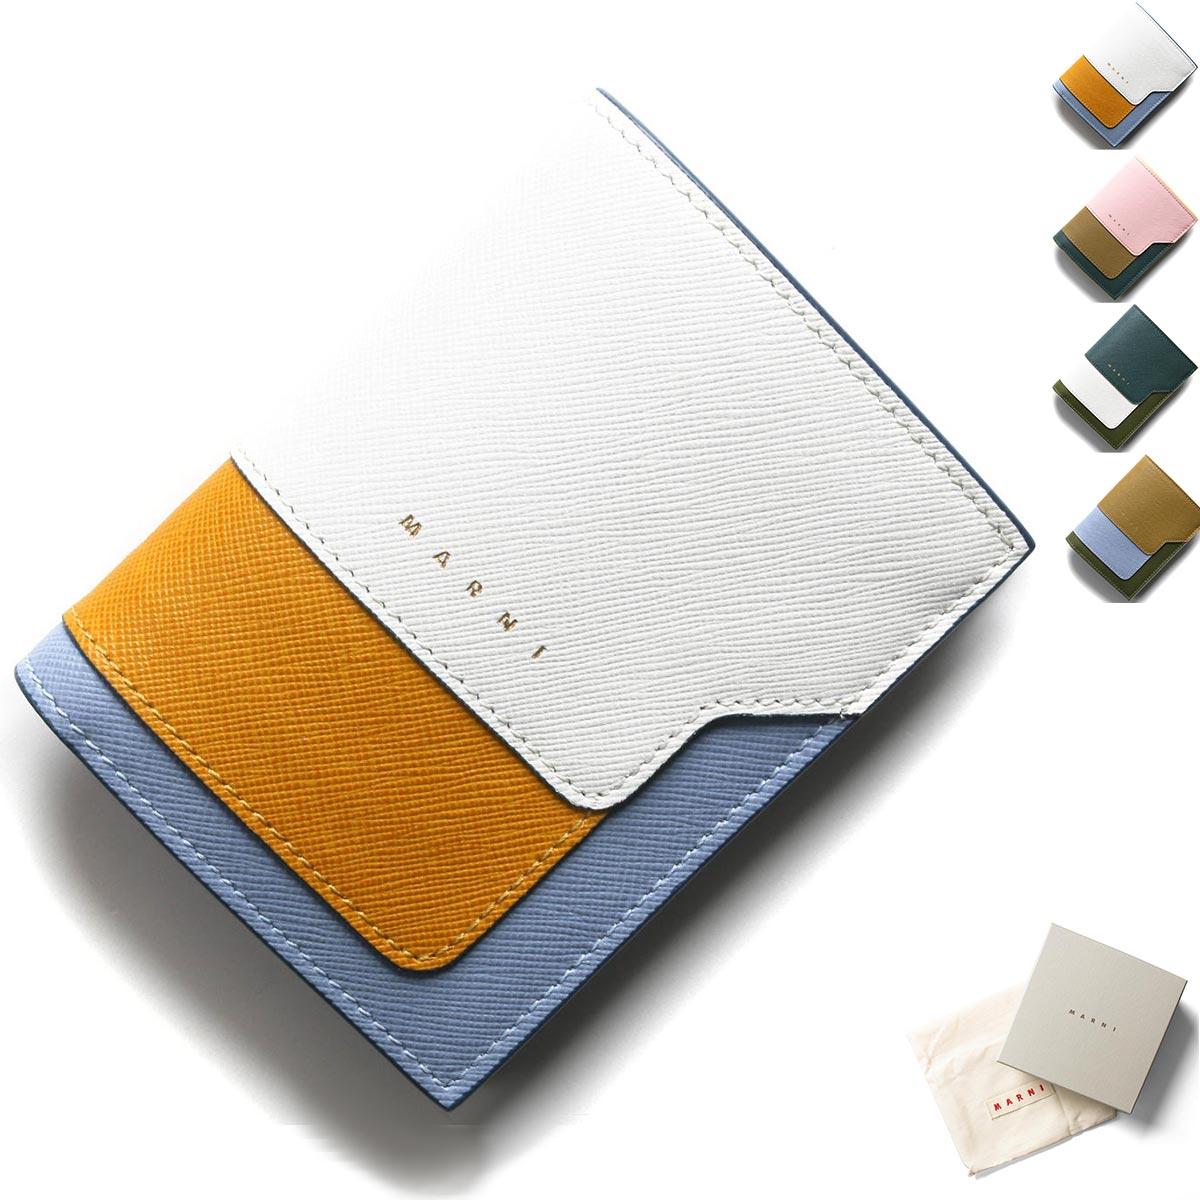 マルニ 二つ折り財布 財布 レディース サフィアーノ PFMOQ14U13 LV520 2020年春夏新作 MARNI